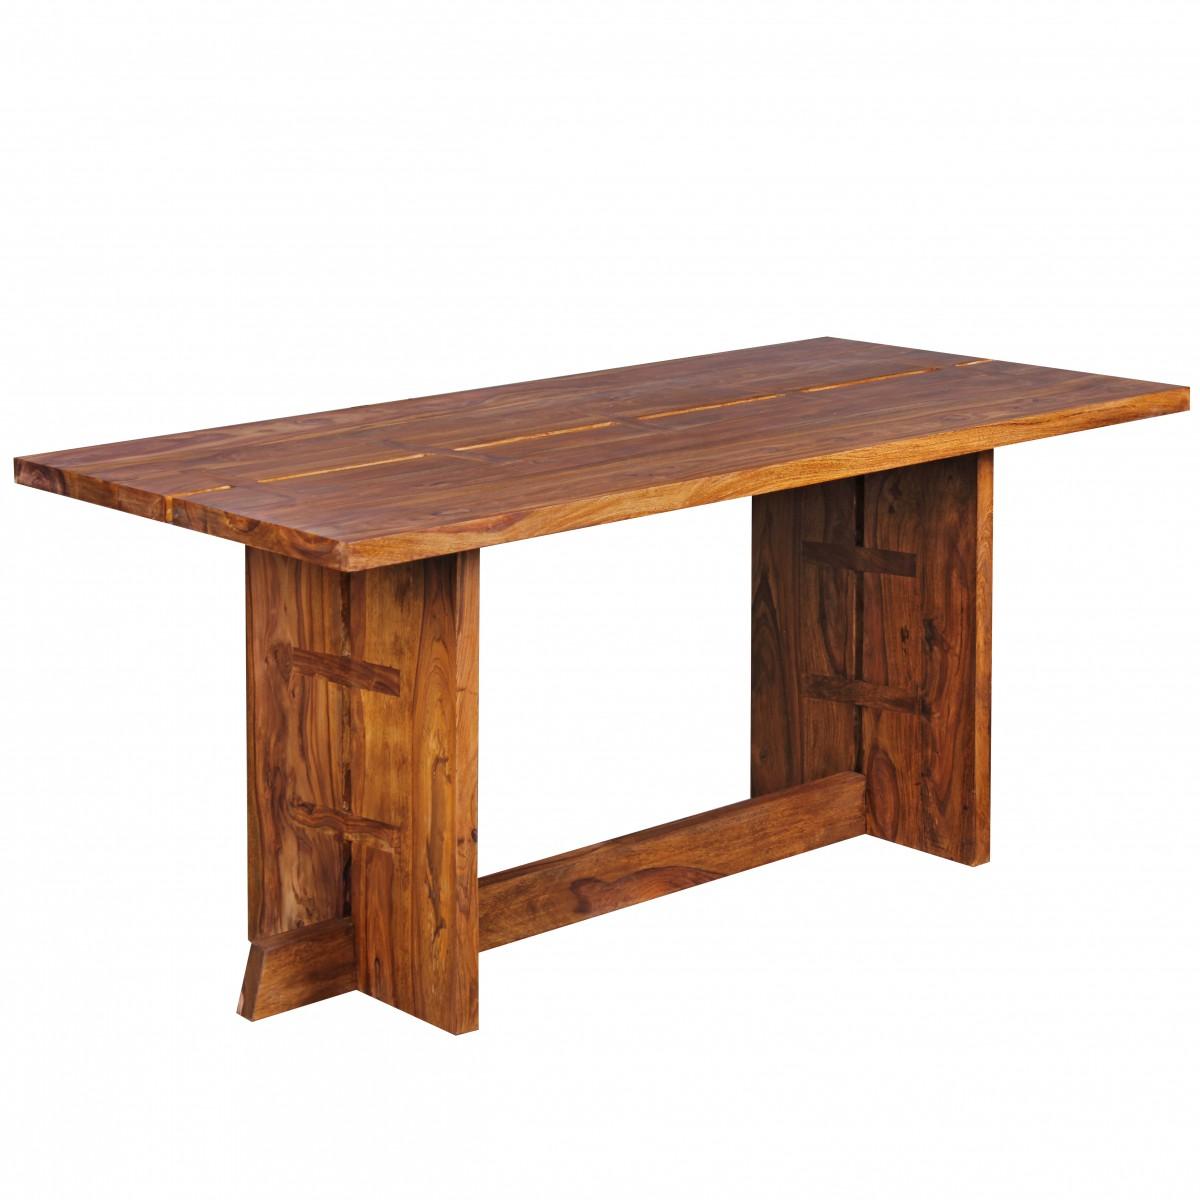 Wohnling design esstisch massivholz sheesham k chentisch for Esstisch 160 x 80